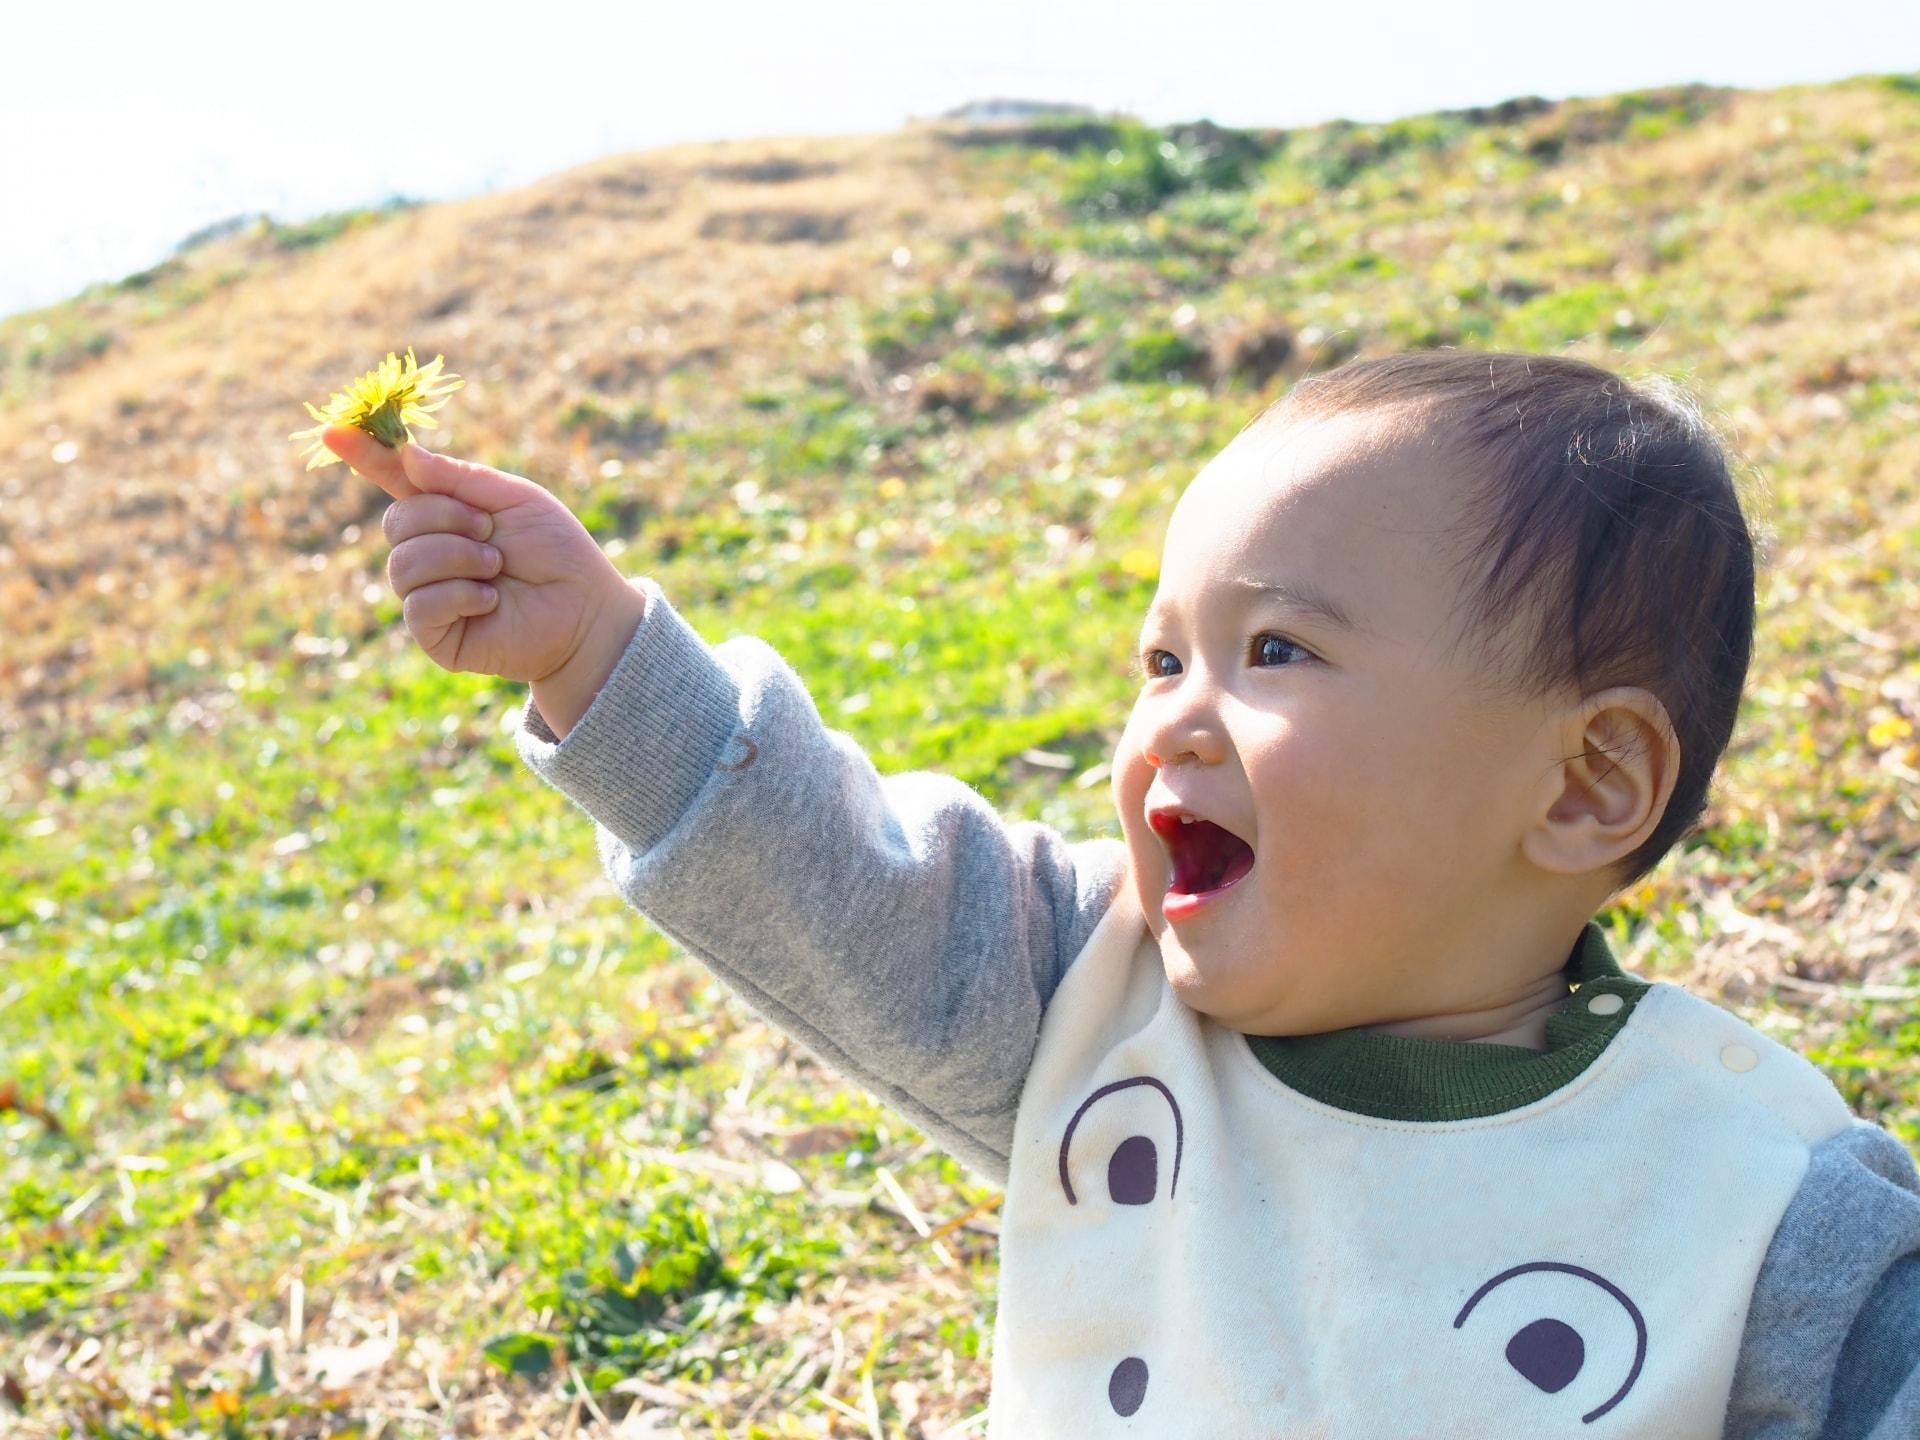 赤ちゃんとの外遊びでの注意点